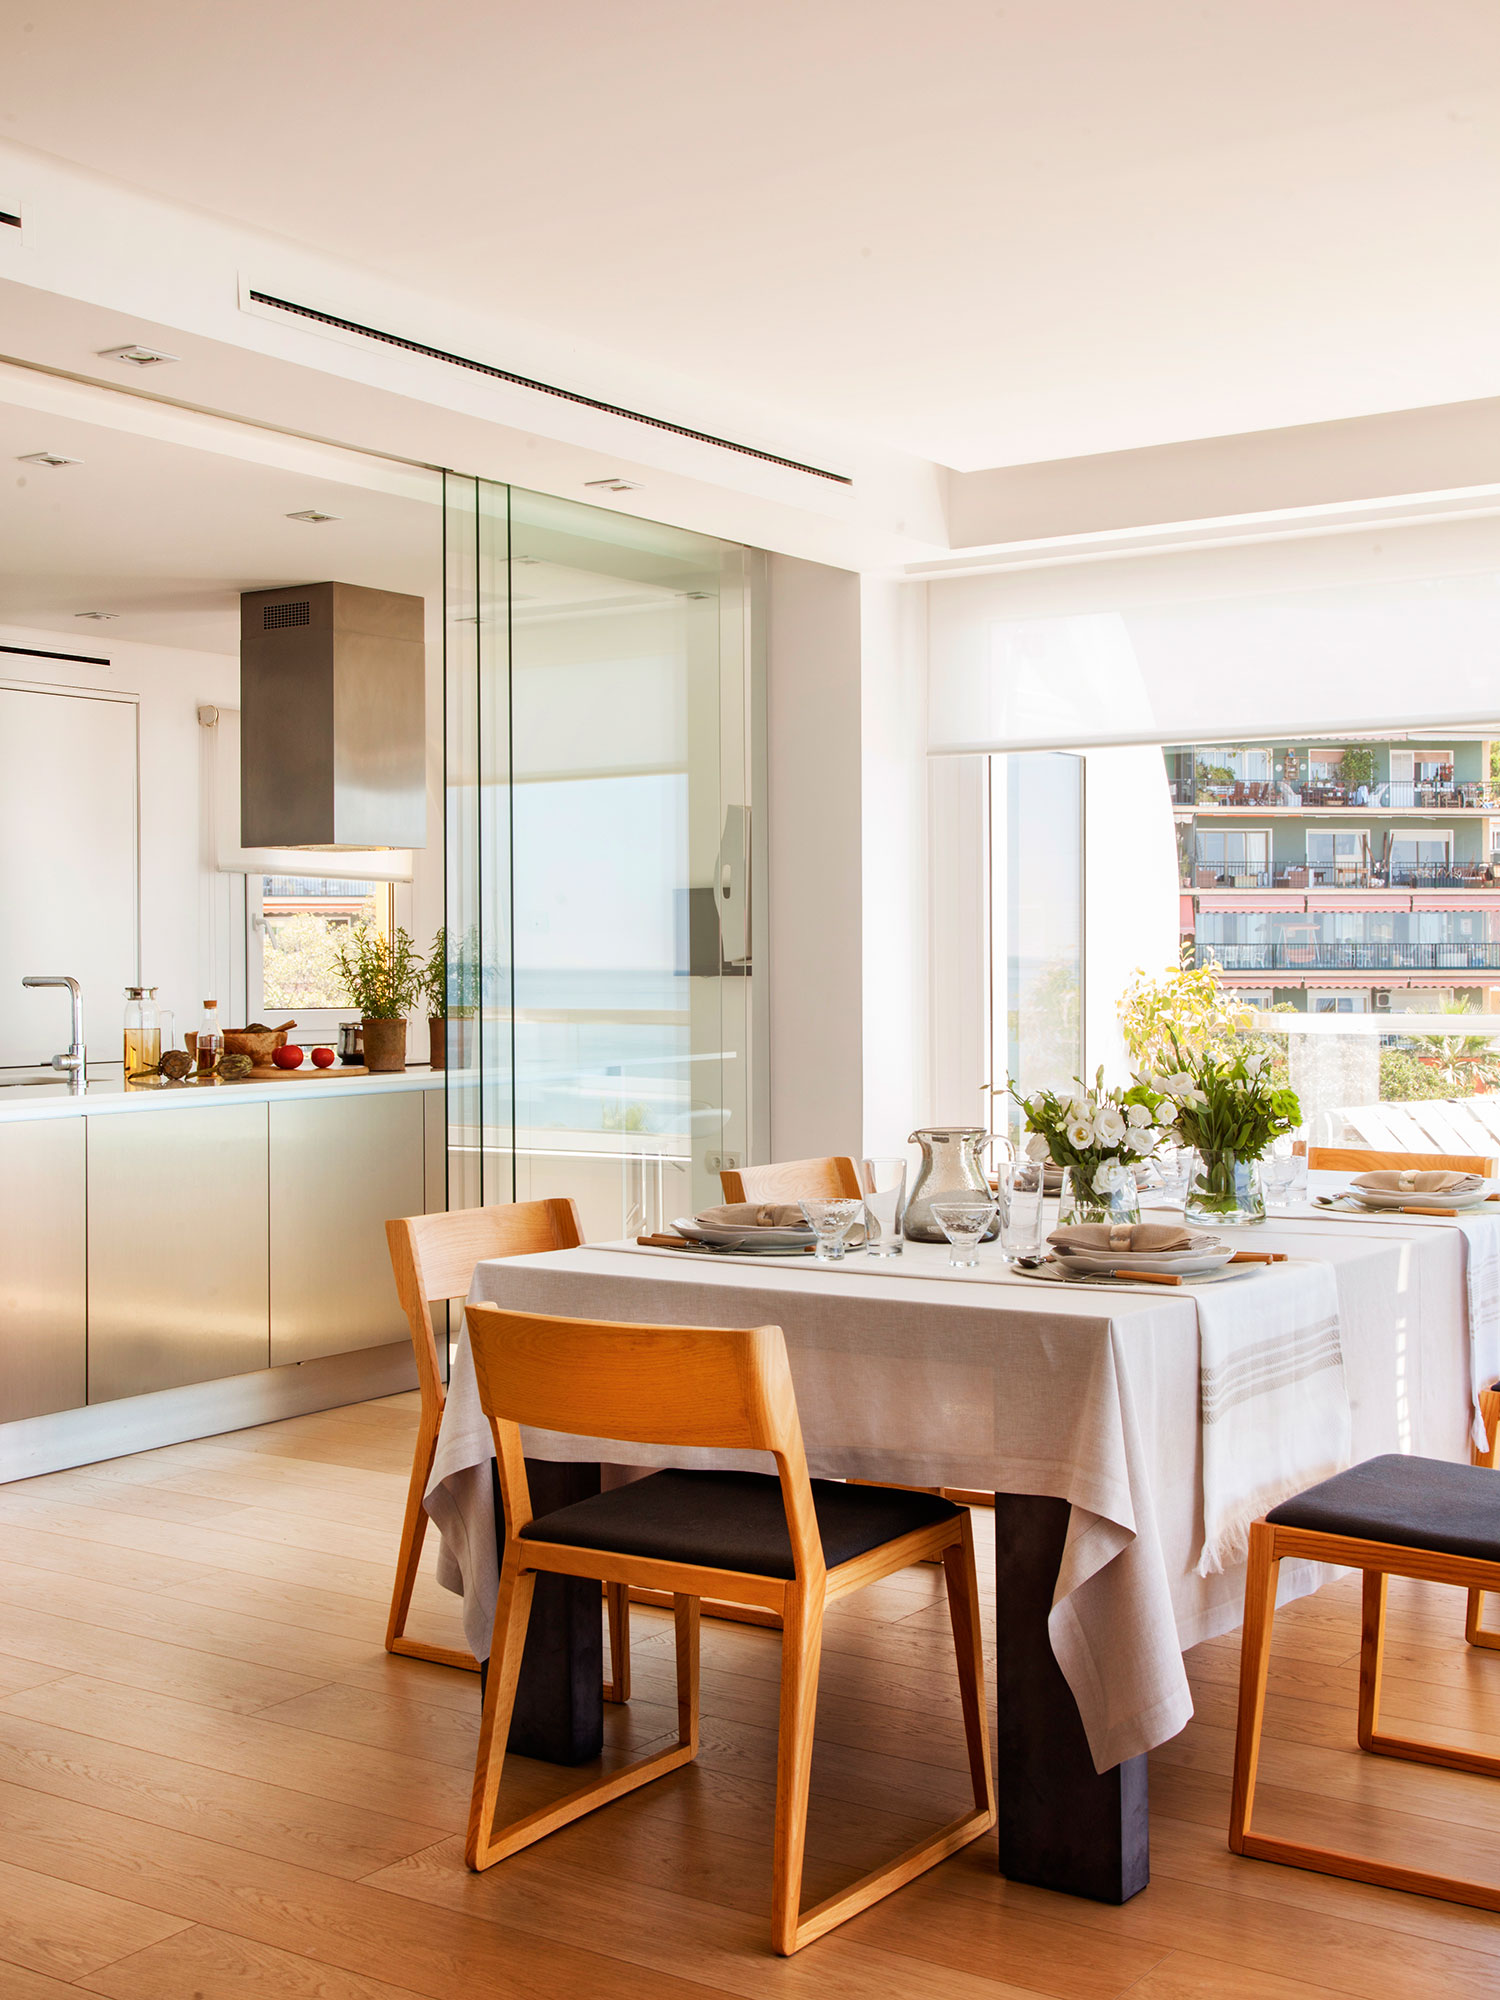 10 ideas infalibles para multiplicar la luz en la cocina - Puerta cristal cocina ...